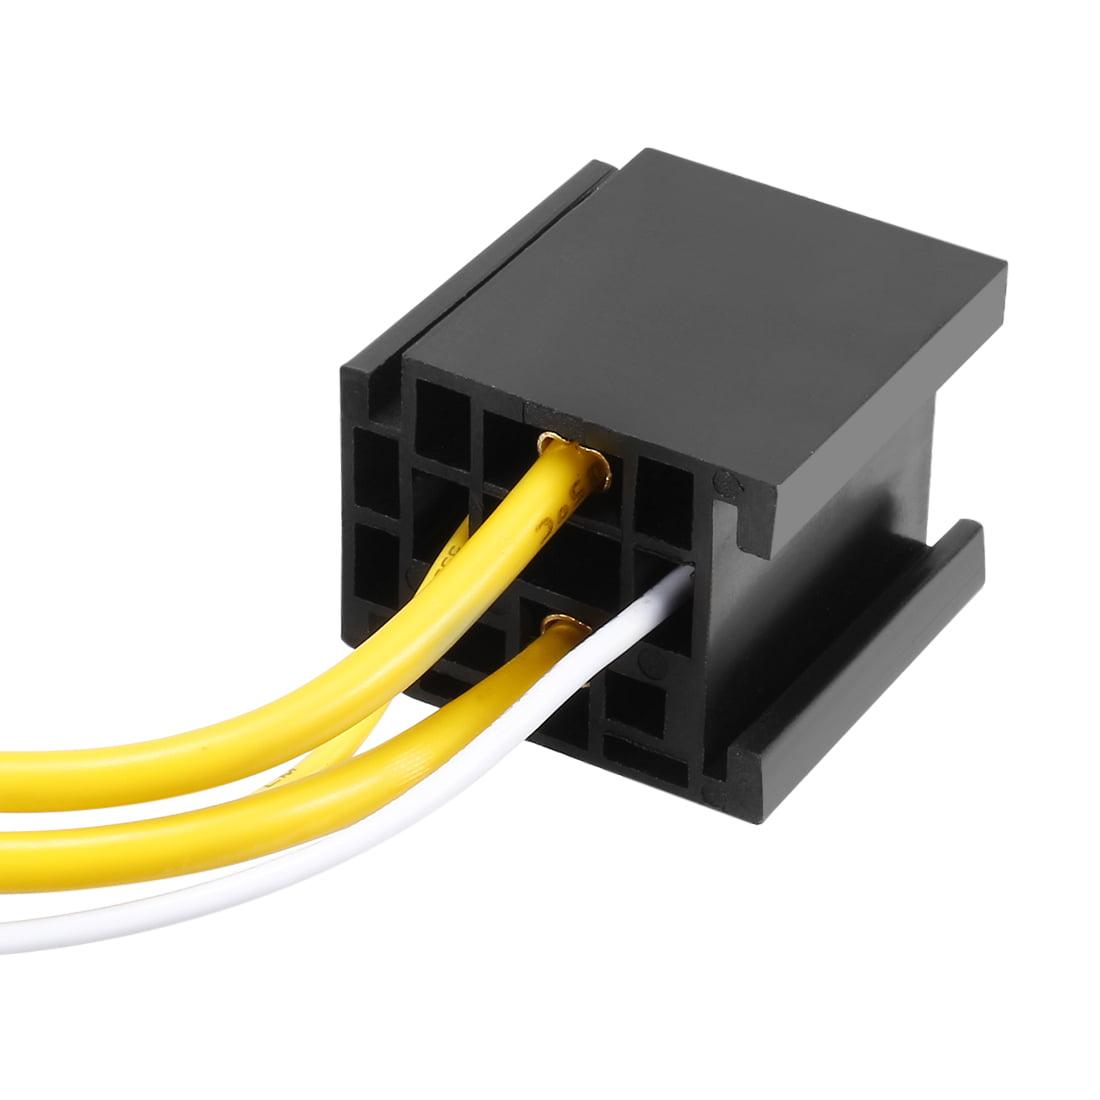 Unique Bargains 5 pcs DC 12V/24V 80A 4 Terminals Relay Socket Harness Connector for Auto Car - image 3 de 5